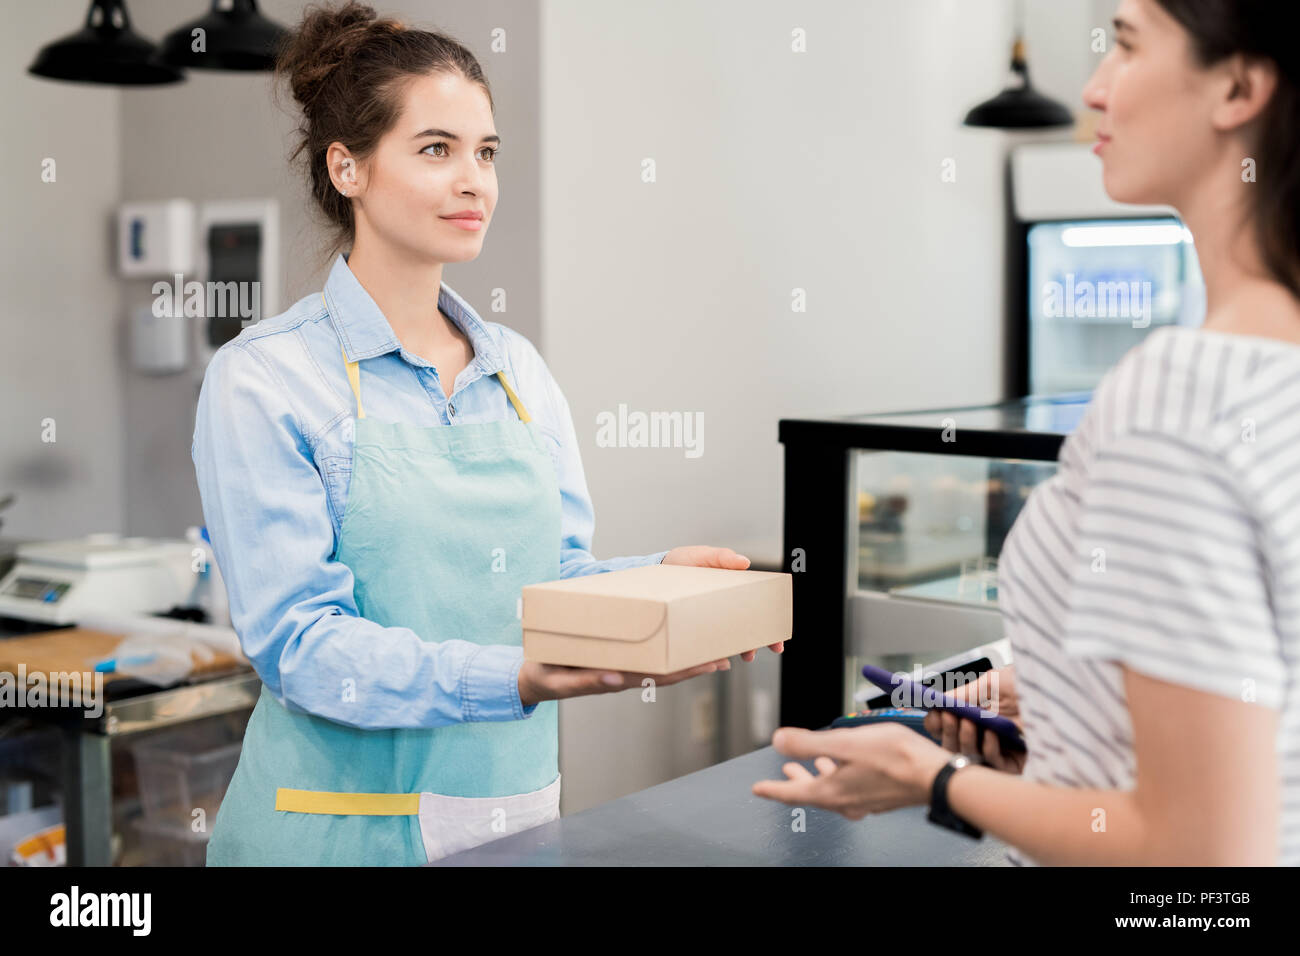 Shopkeeper Handing Box to Customer - Stock Image